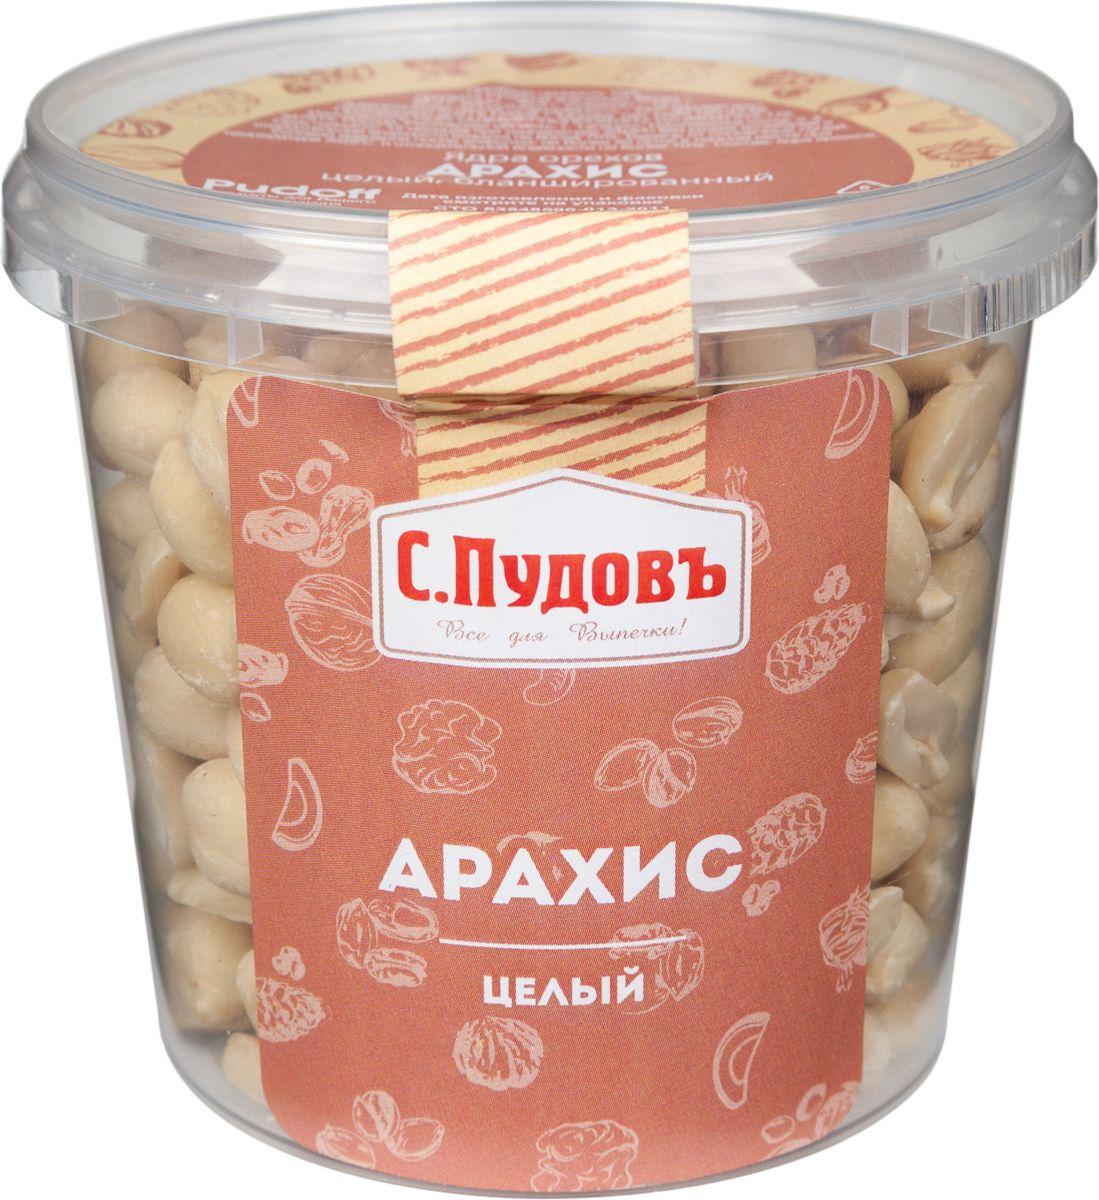 Пудовъ арахис целый, 200 г0120710Арахис - источник высококачественного растительного арахисового масла. Оно содержит большое количество ненасыщенных жирных кислот, что ценно для правильного и здорового питания.Растение обладает различными полезными качествами: оно питательно, на 50% состоит из жиров; содержит необходимые для организма аминокислоты и большое количество витаминов. В арахисе отмечается наличие магния, фосфора, калия и железа.